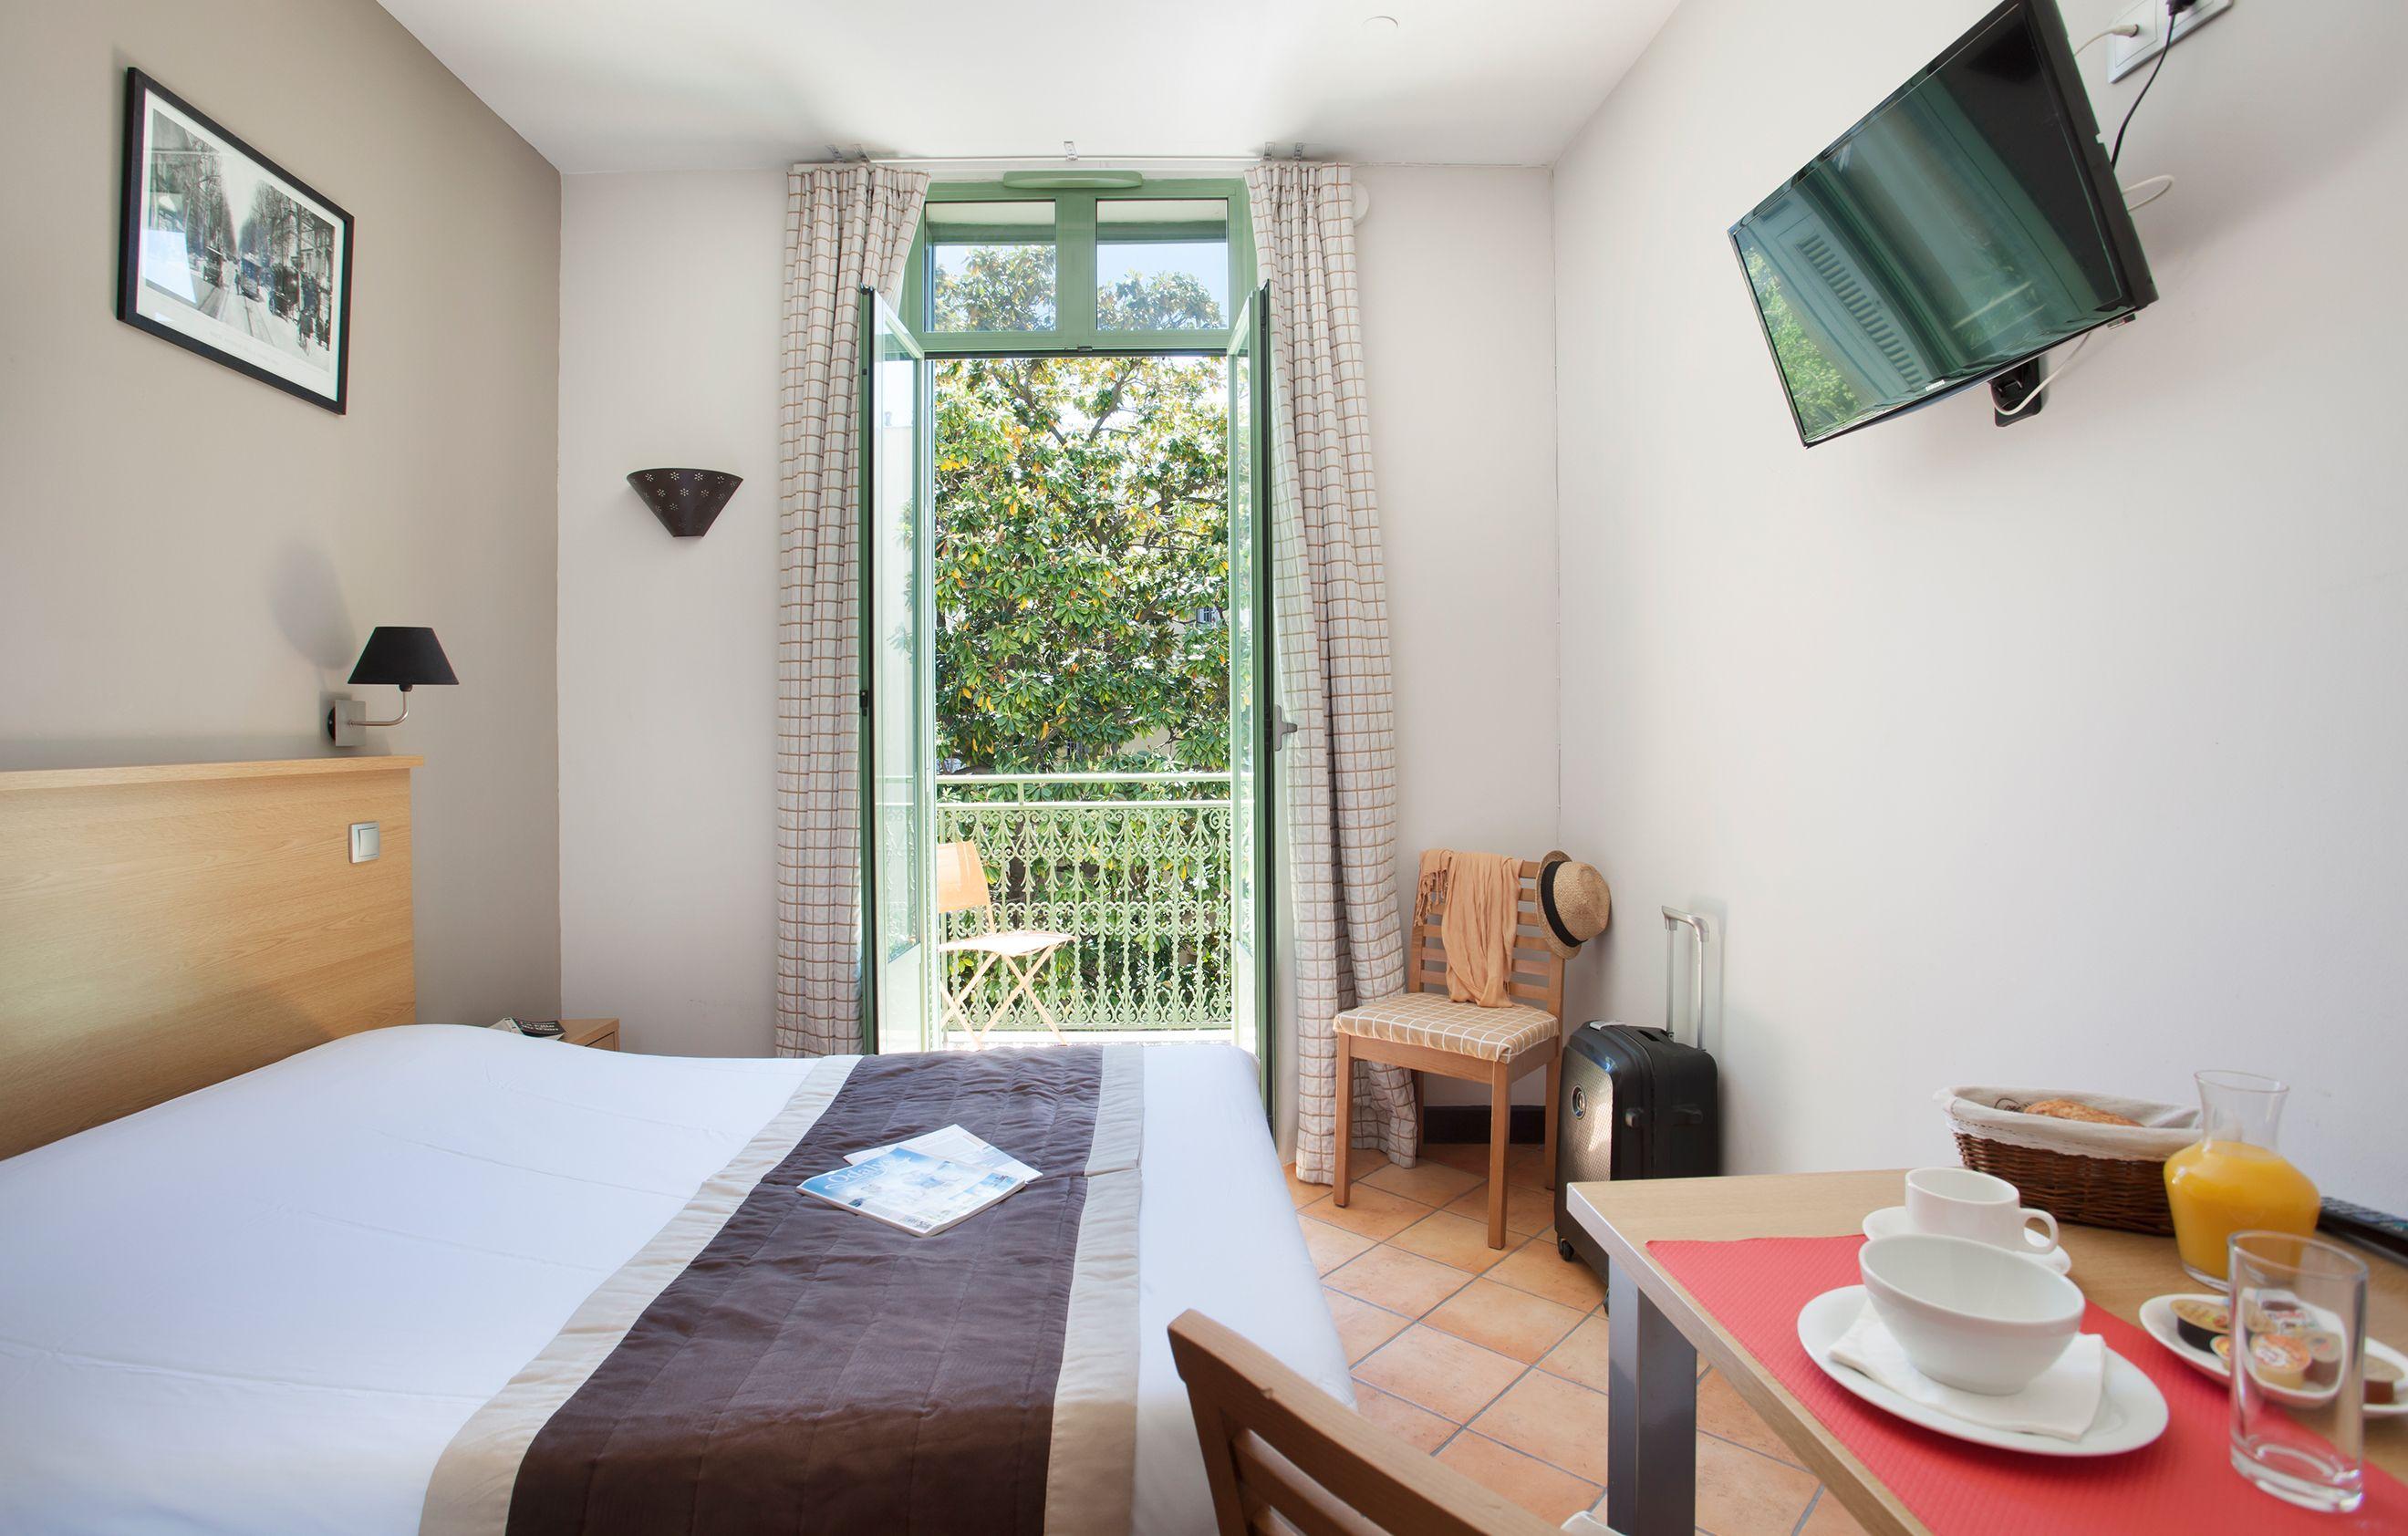 France - Côte d'Azur - Nice - Hôtel-Résidence Palais Rossini